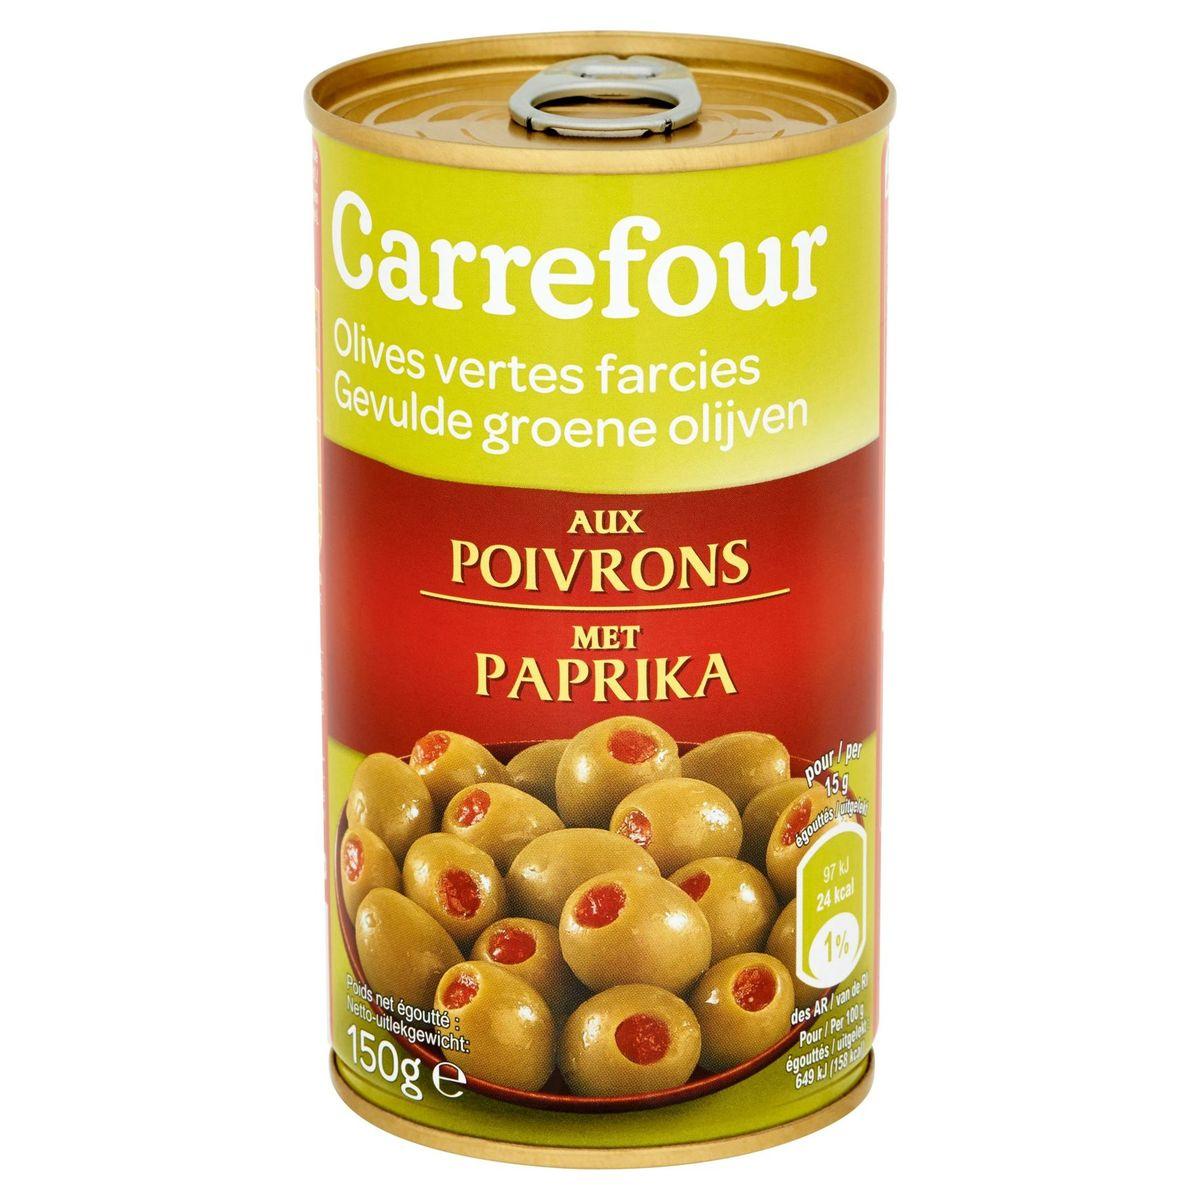 Carrefour Olives Vertes Farcies aux Poivrons 150 g